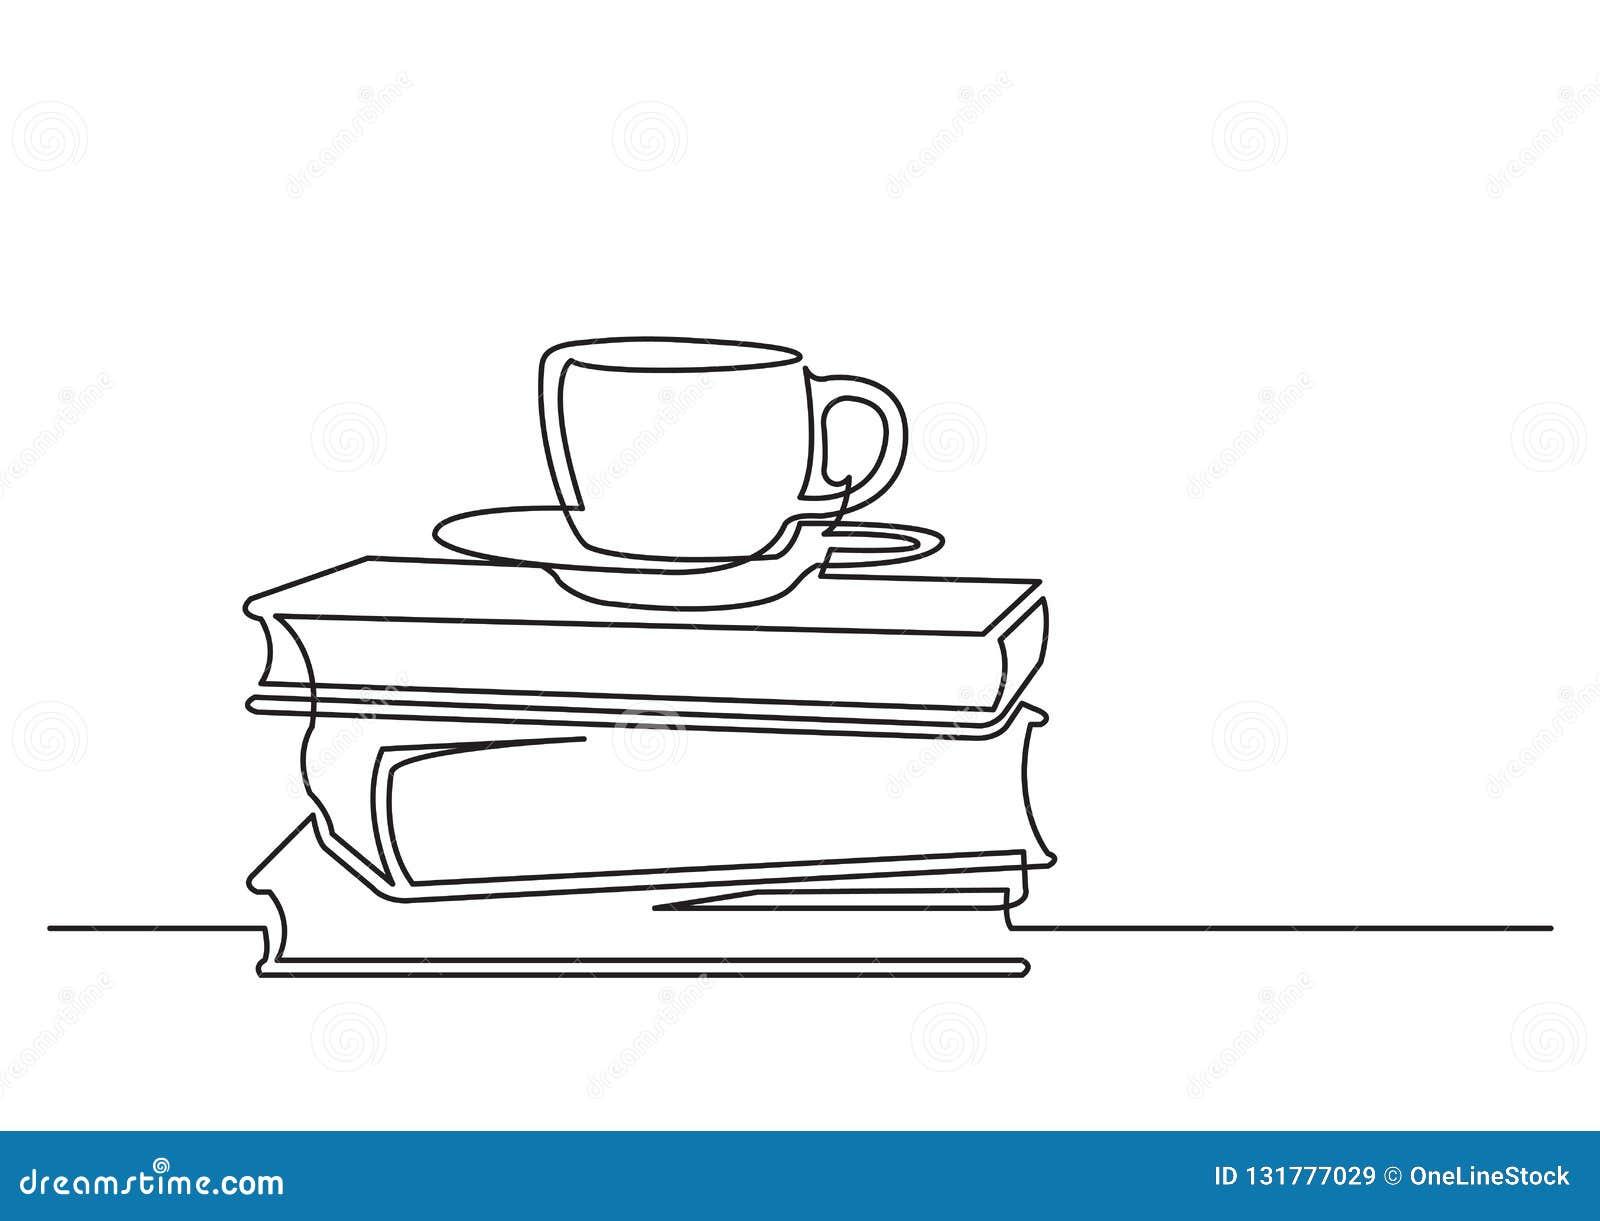 Un dibujo lineal del objeto aislado del vector - libros y taza de té